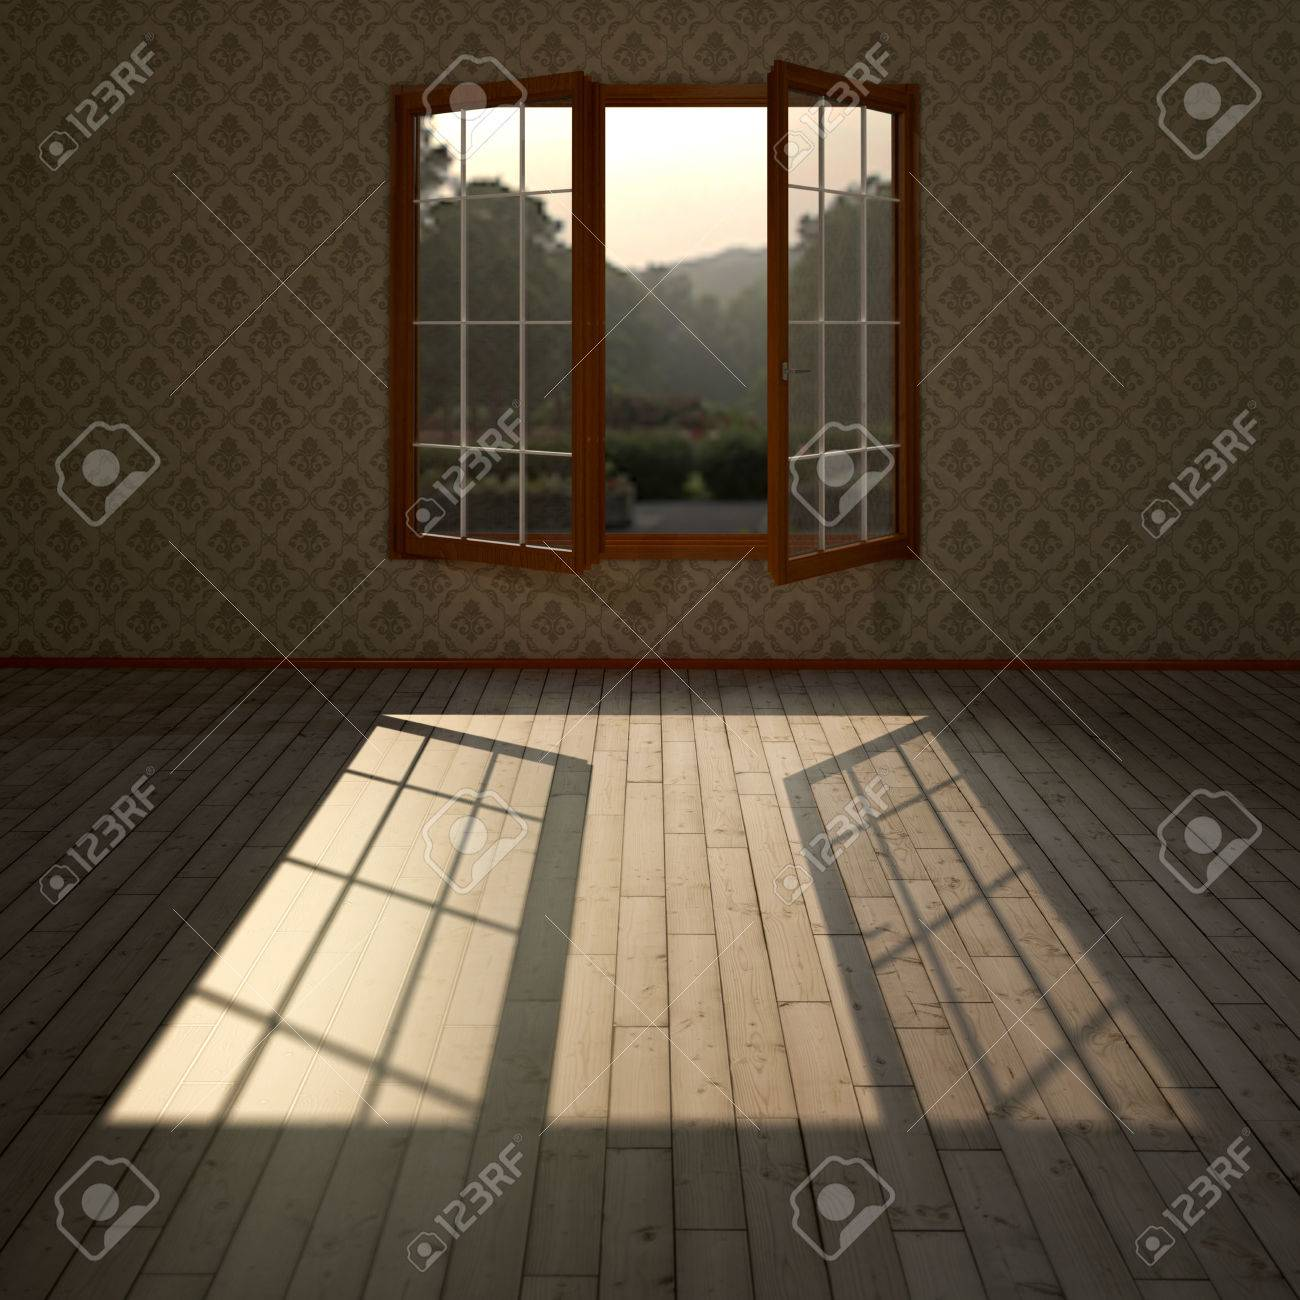 Wohnzimmer Mit Offenem Fenster Und Viel Naturliches Licht Auf Dem